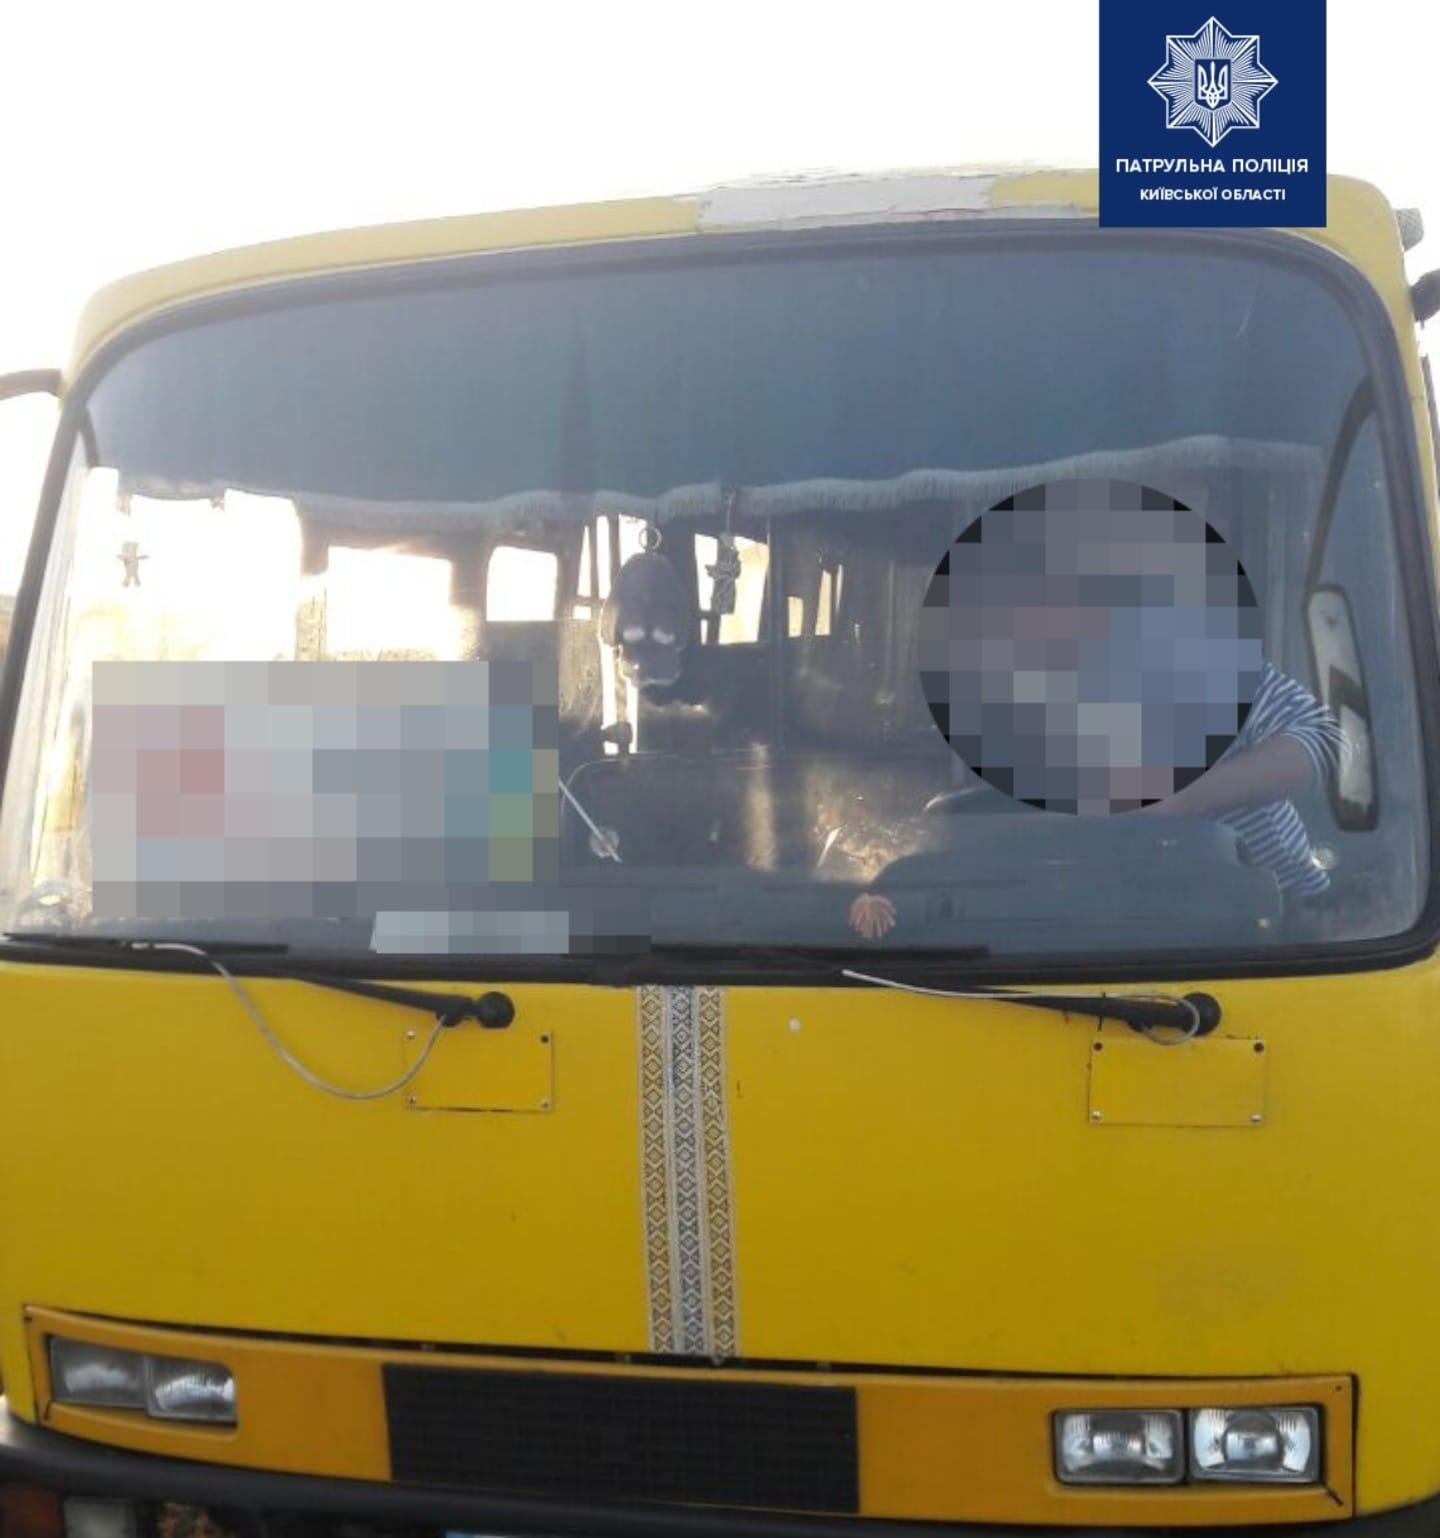 Чайки: поліція затримала п'яного водія автобуса - Чайки, патруль, автобус - chajky